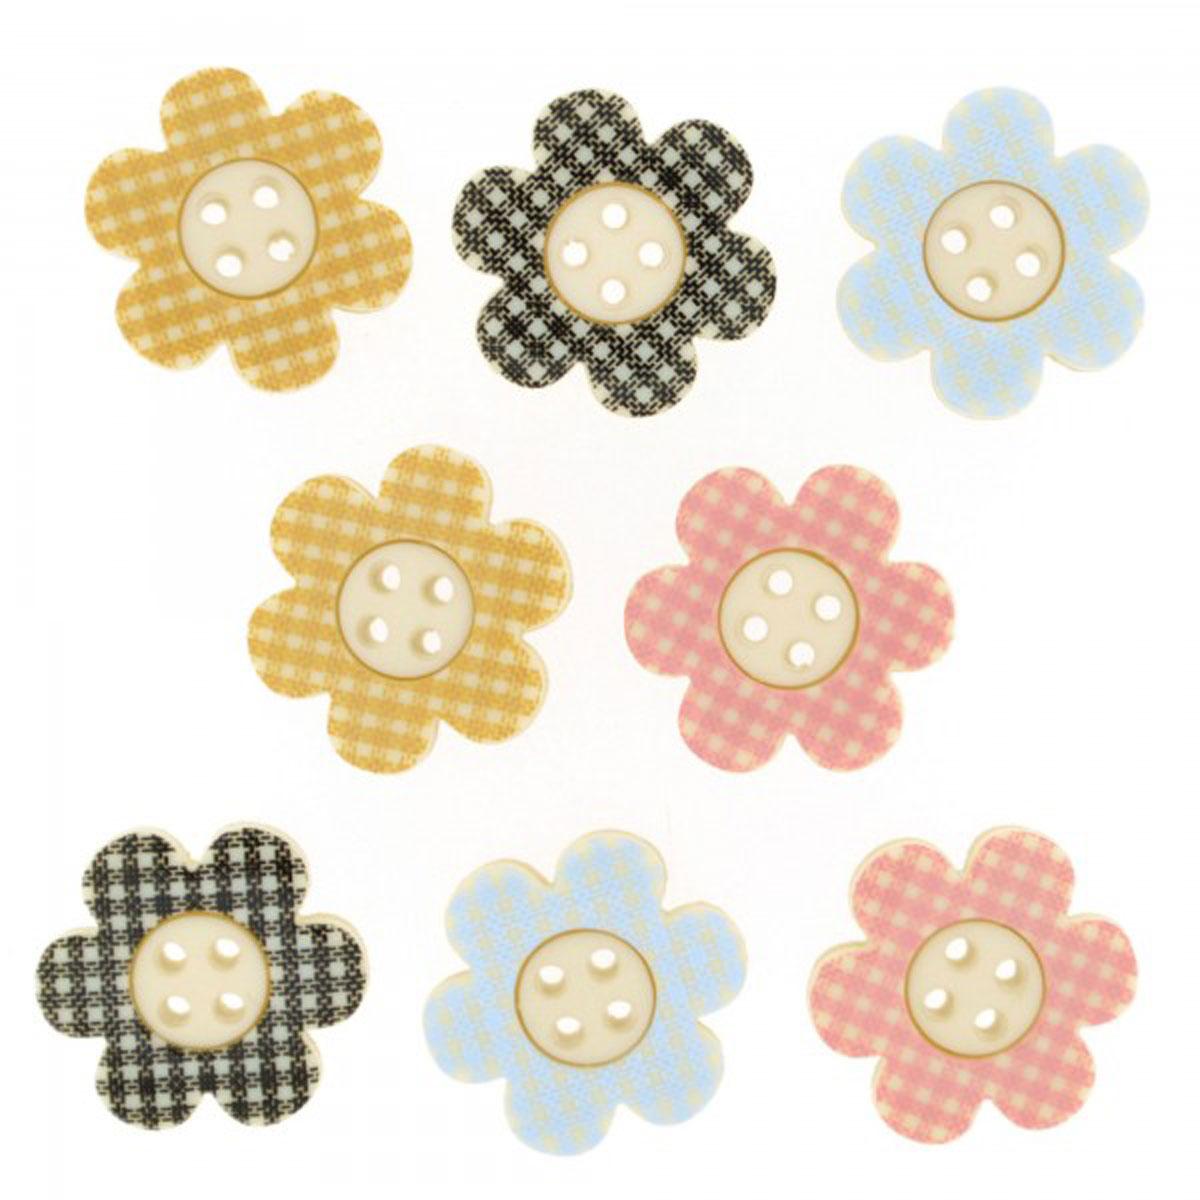 Пуговицы декоративные Dress It Up Цветы в клетку, 8 шт7713476Пуговицы декоративные Dress It Up Цветы в клетку состоит из 8 декоративных пуговиц, выполненных из цветного пластика в виде цветов. Такие пуговицы подходят для любых видов творчества: скрапбукинга, декорирования, шитья, изготовления кукол, а также для оформления одежды. С их помощью вы сможете украсить открытку, фотографию, альбом, подарок и другие предметы ручной работы. Пуговицы разных цветов имеют оригинальный и яркий дизайн. Средний размер пуговиц: 2 см х 2 см х 0,3 см.